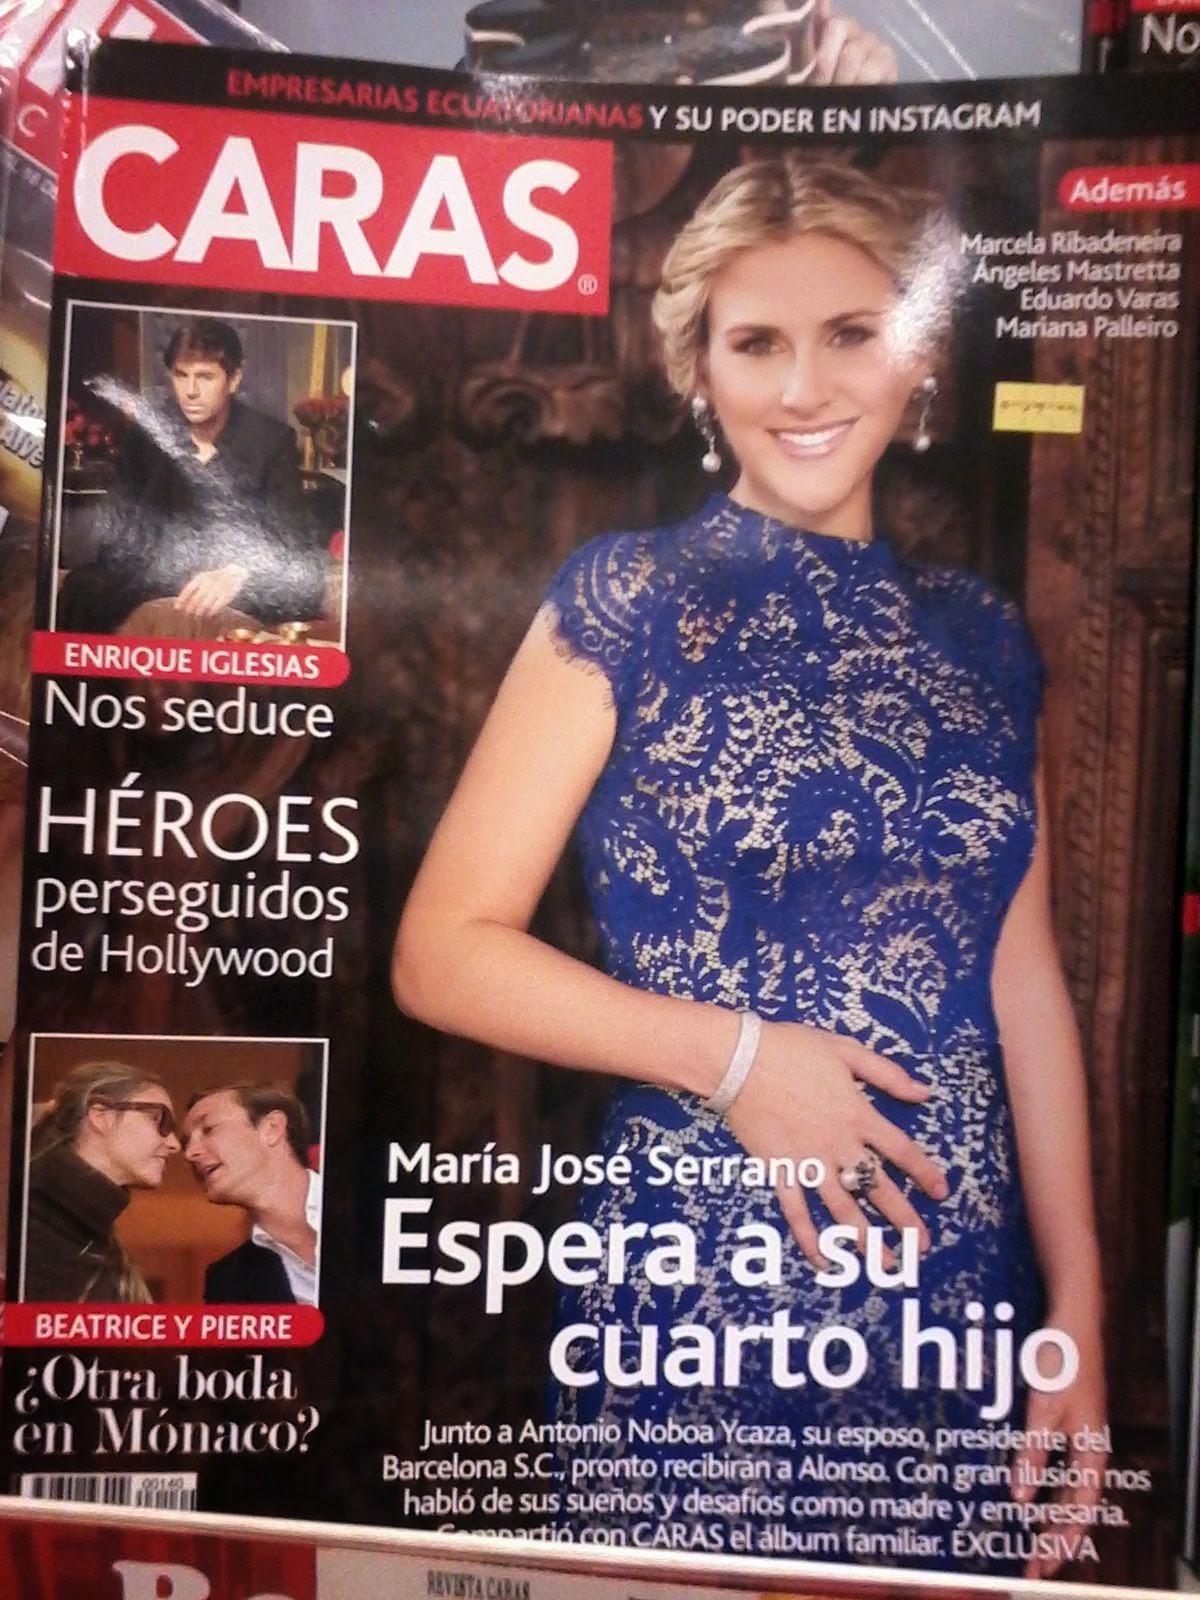 1d329c2c7e56 Estas son las portadas de unas revistas del corazón que se venden aquí